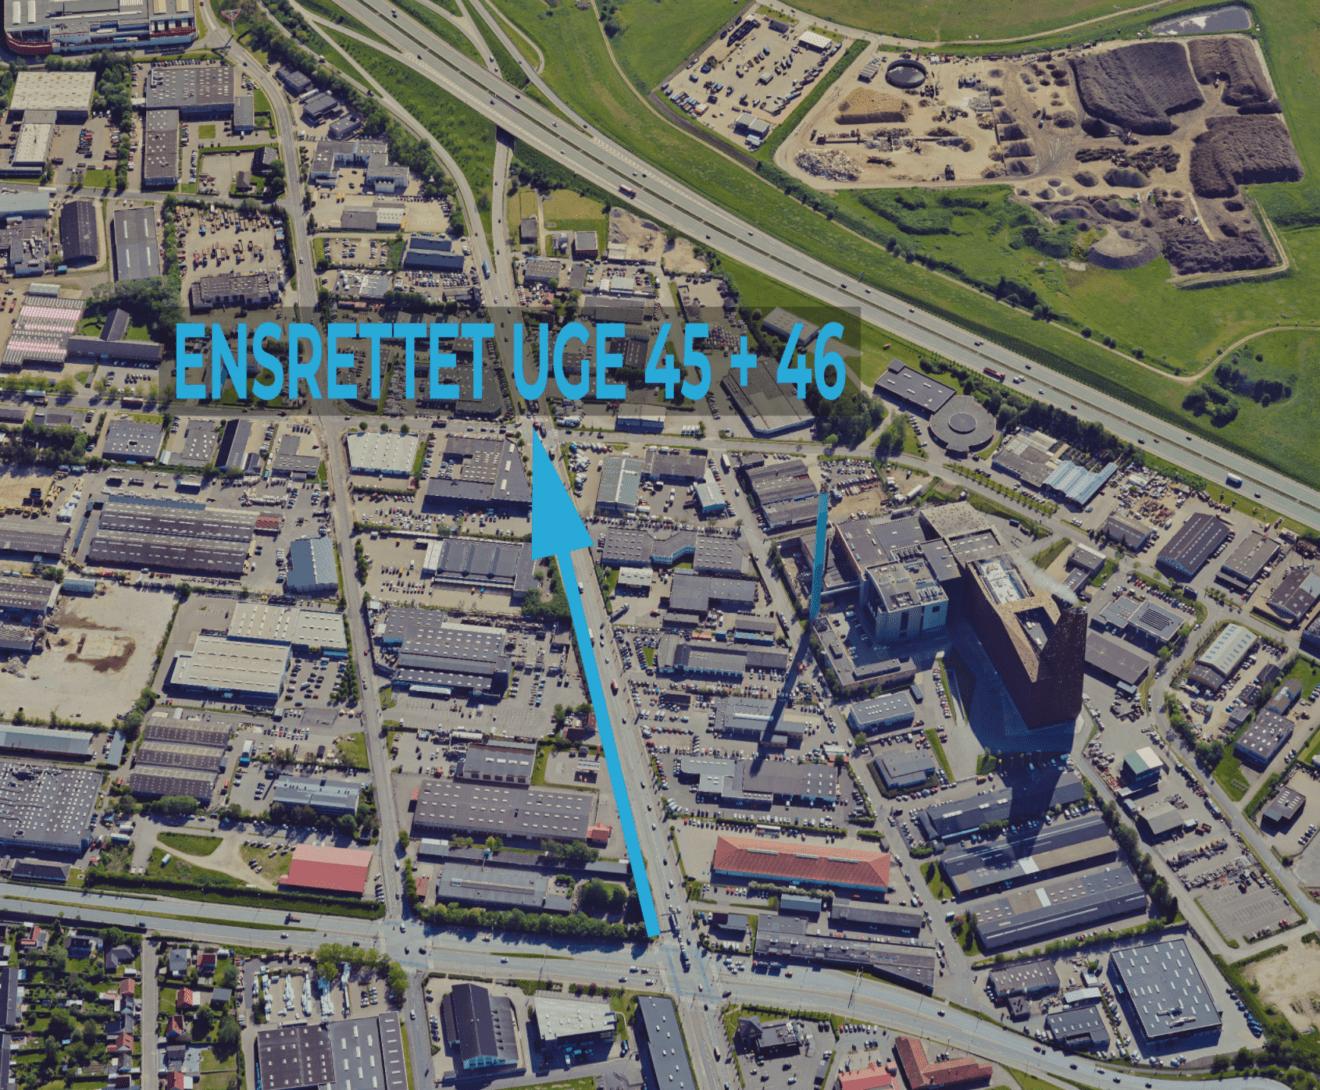 Københavnsvej bliver ensrettet og frakørsel 10 spærret i 14 dage